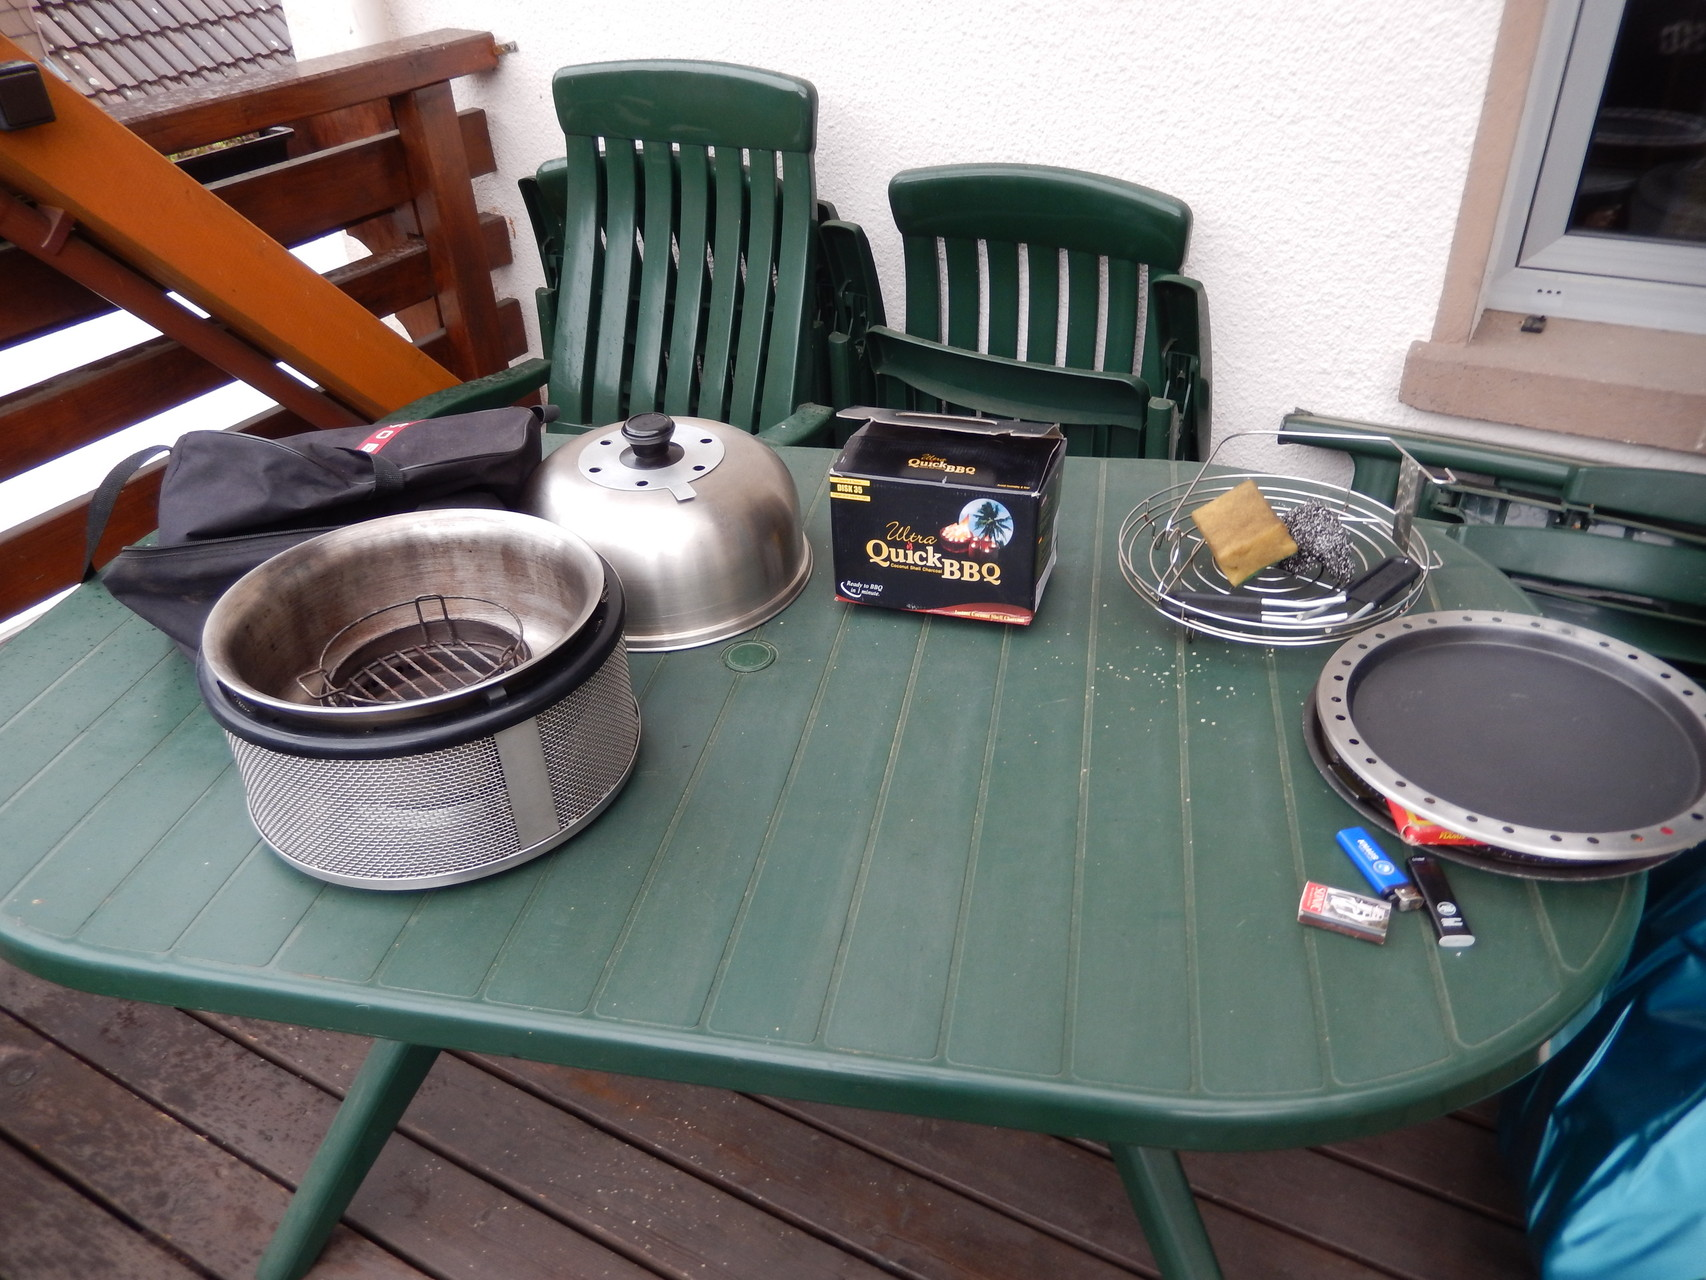 zu Hause auf dem Balkon hab ich den Cobb vorbereitet